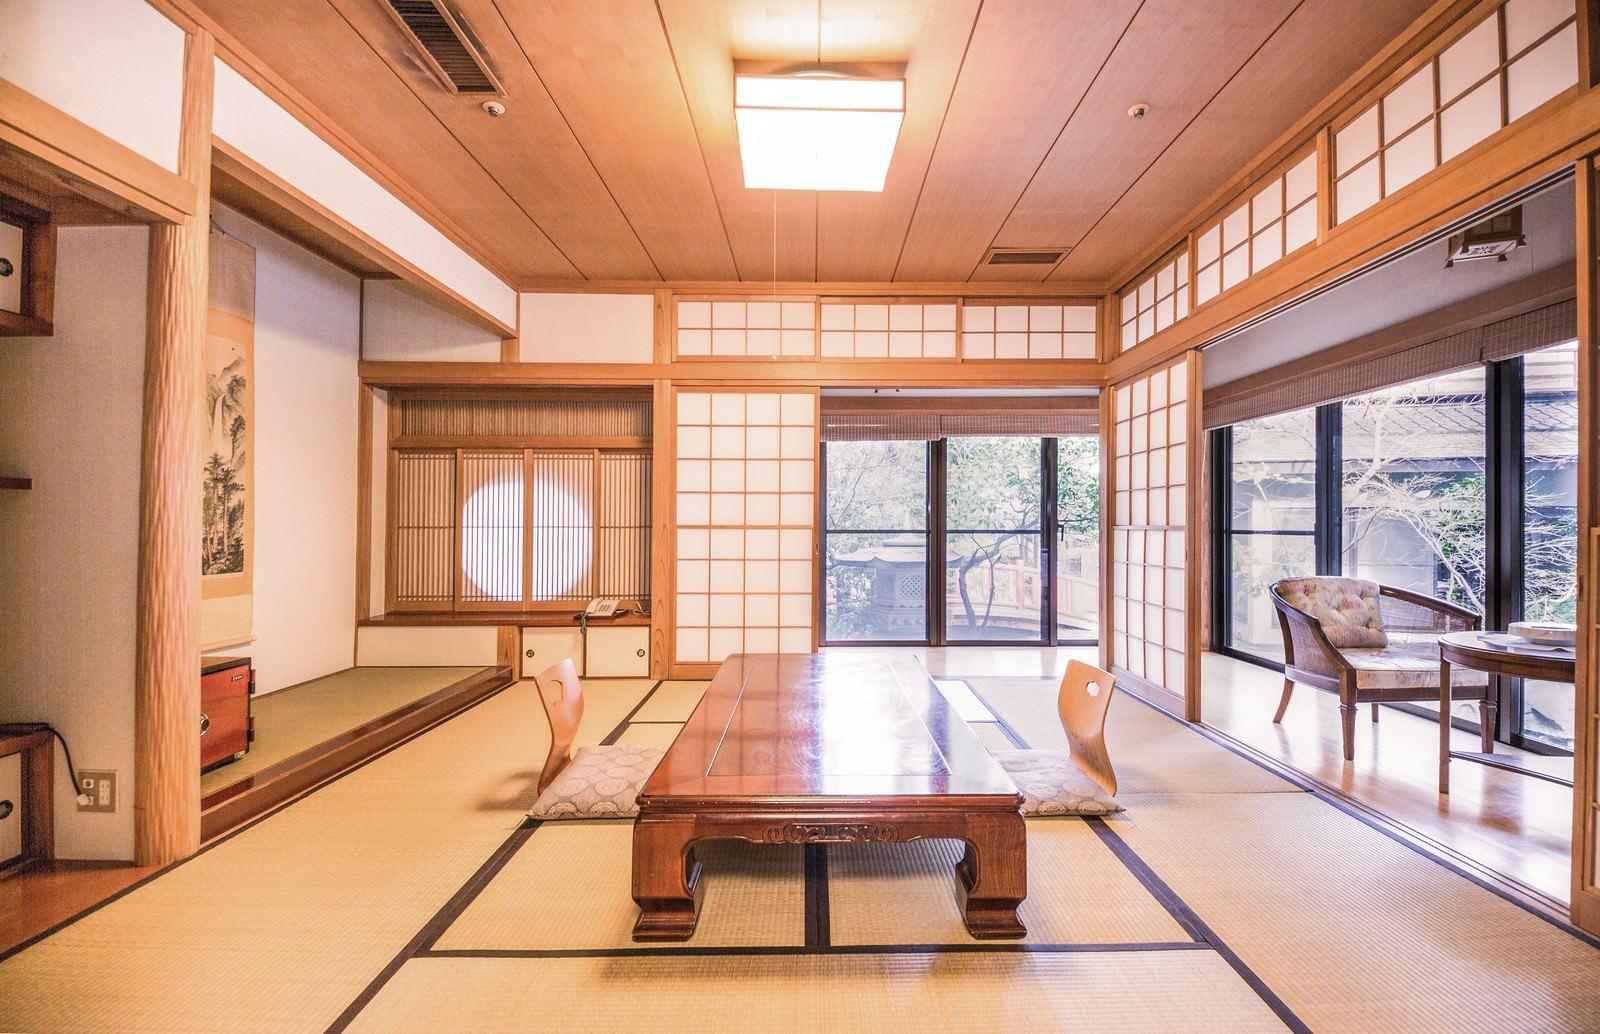 「温泉宿の和室 | 写真の無料素材・フリー素材 - ぱくたそ」の写真